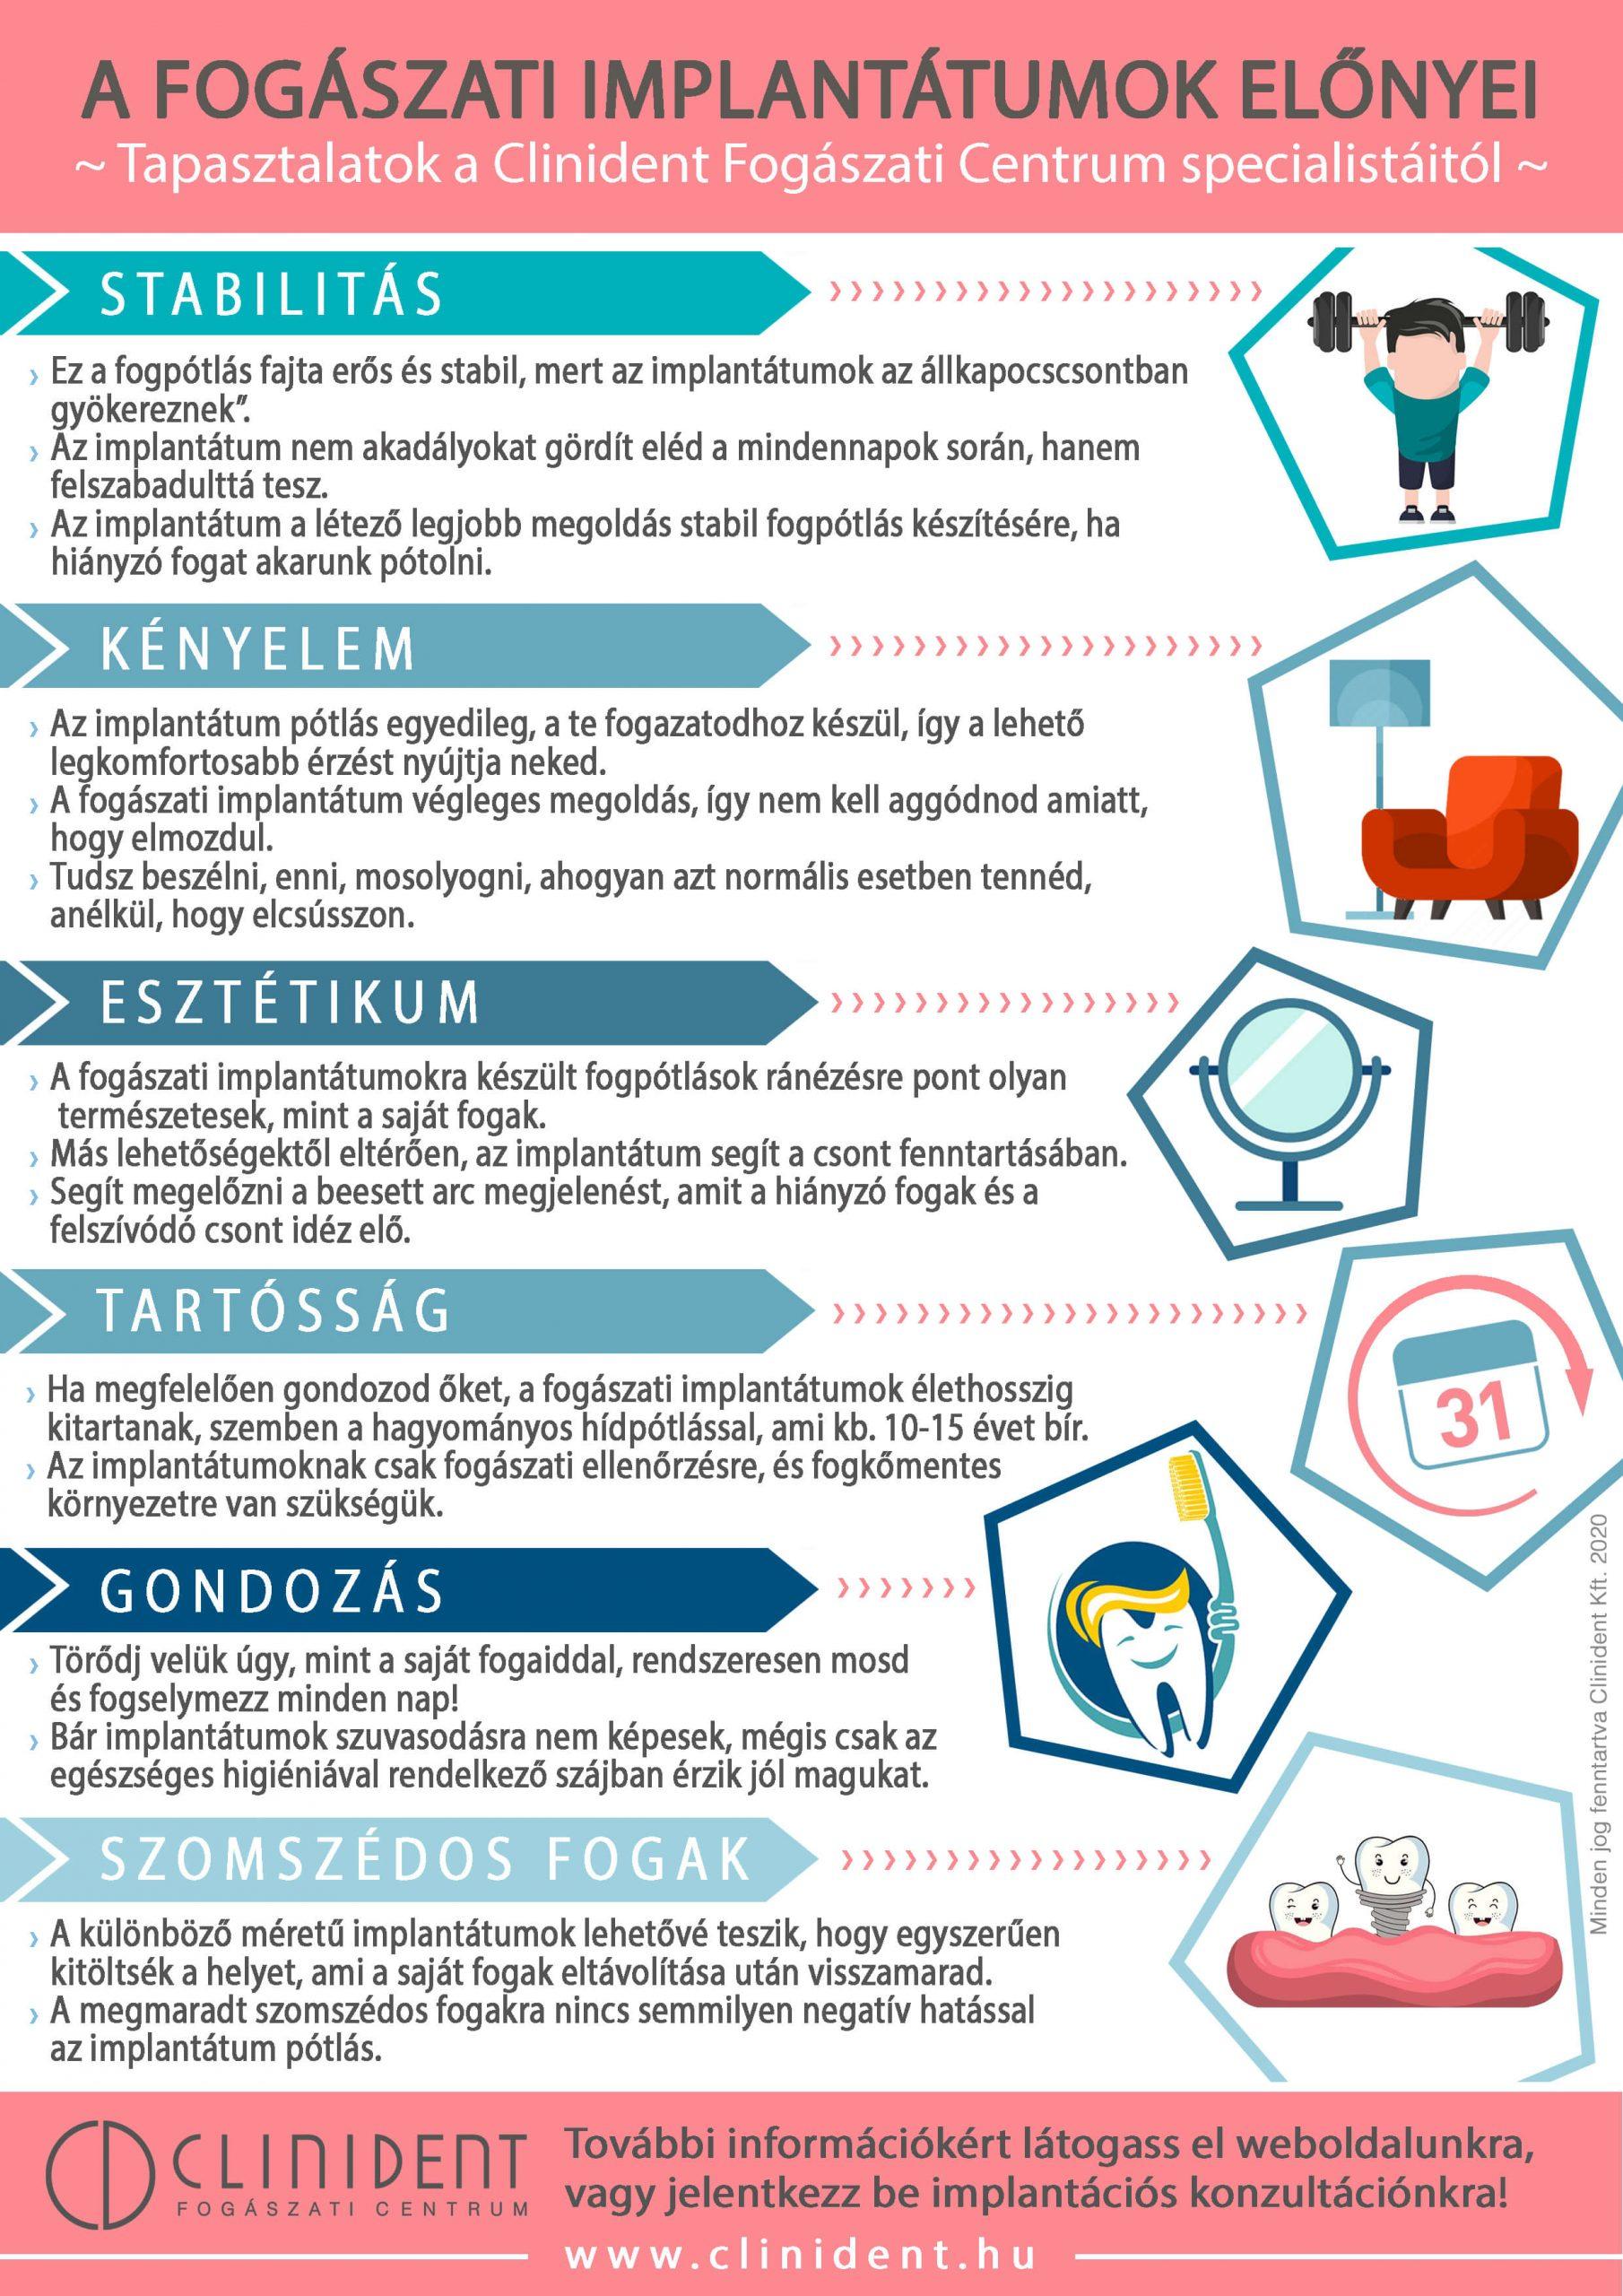 fogászati implantátum előnyei